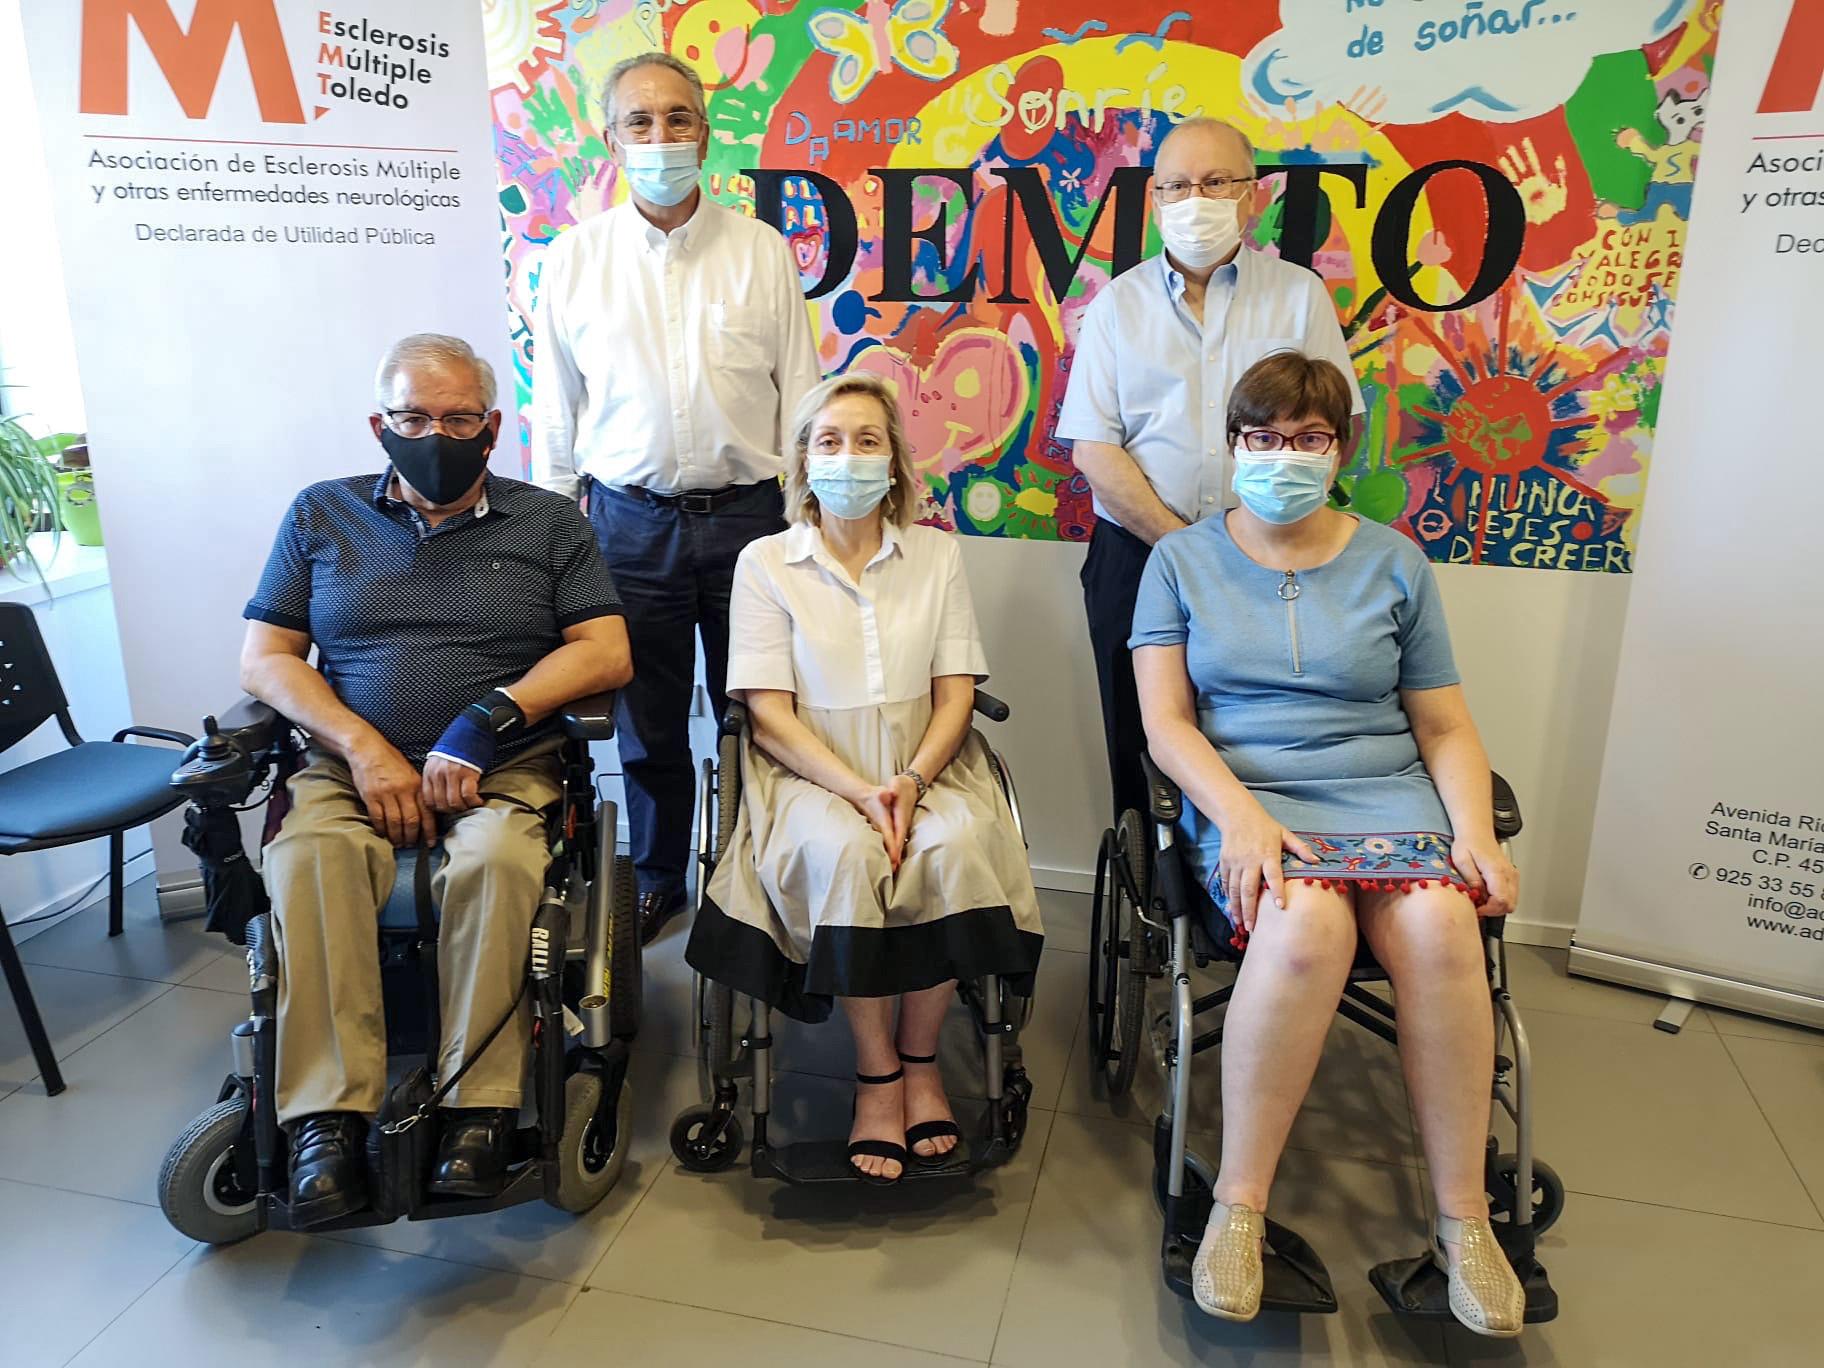 El gerente del HNP, Dr. Vicenç Martínez, el Jefe de Medicina Preventiva del HNP, Dr. Antonio J. Ruiz y la presidenta de la Asociación de Esclerosis Múltiple de Toledo y otras enfermedades neurodegenerativas, Dña. Begoña Aguilar, junto con otros representantes de de la asociación.